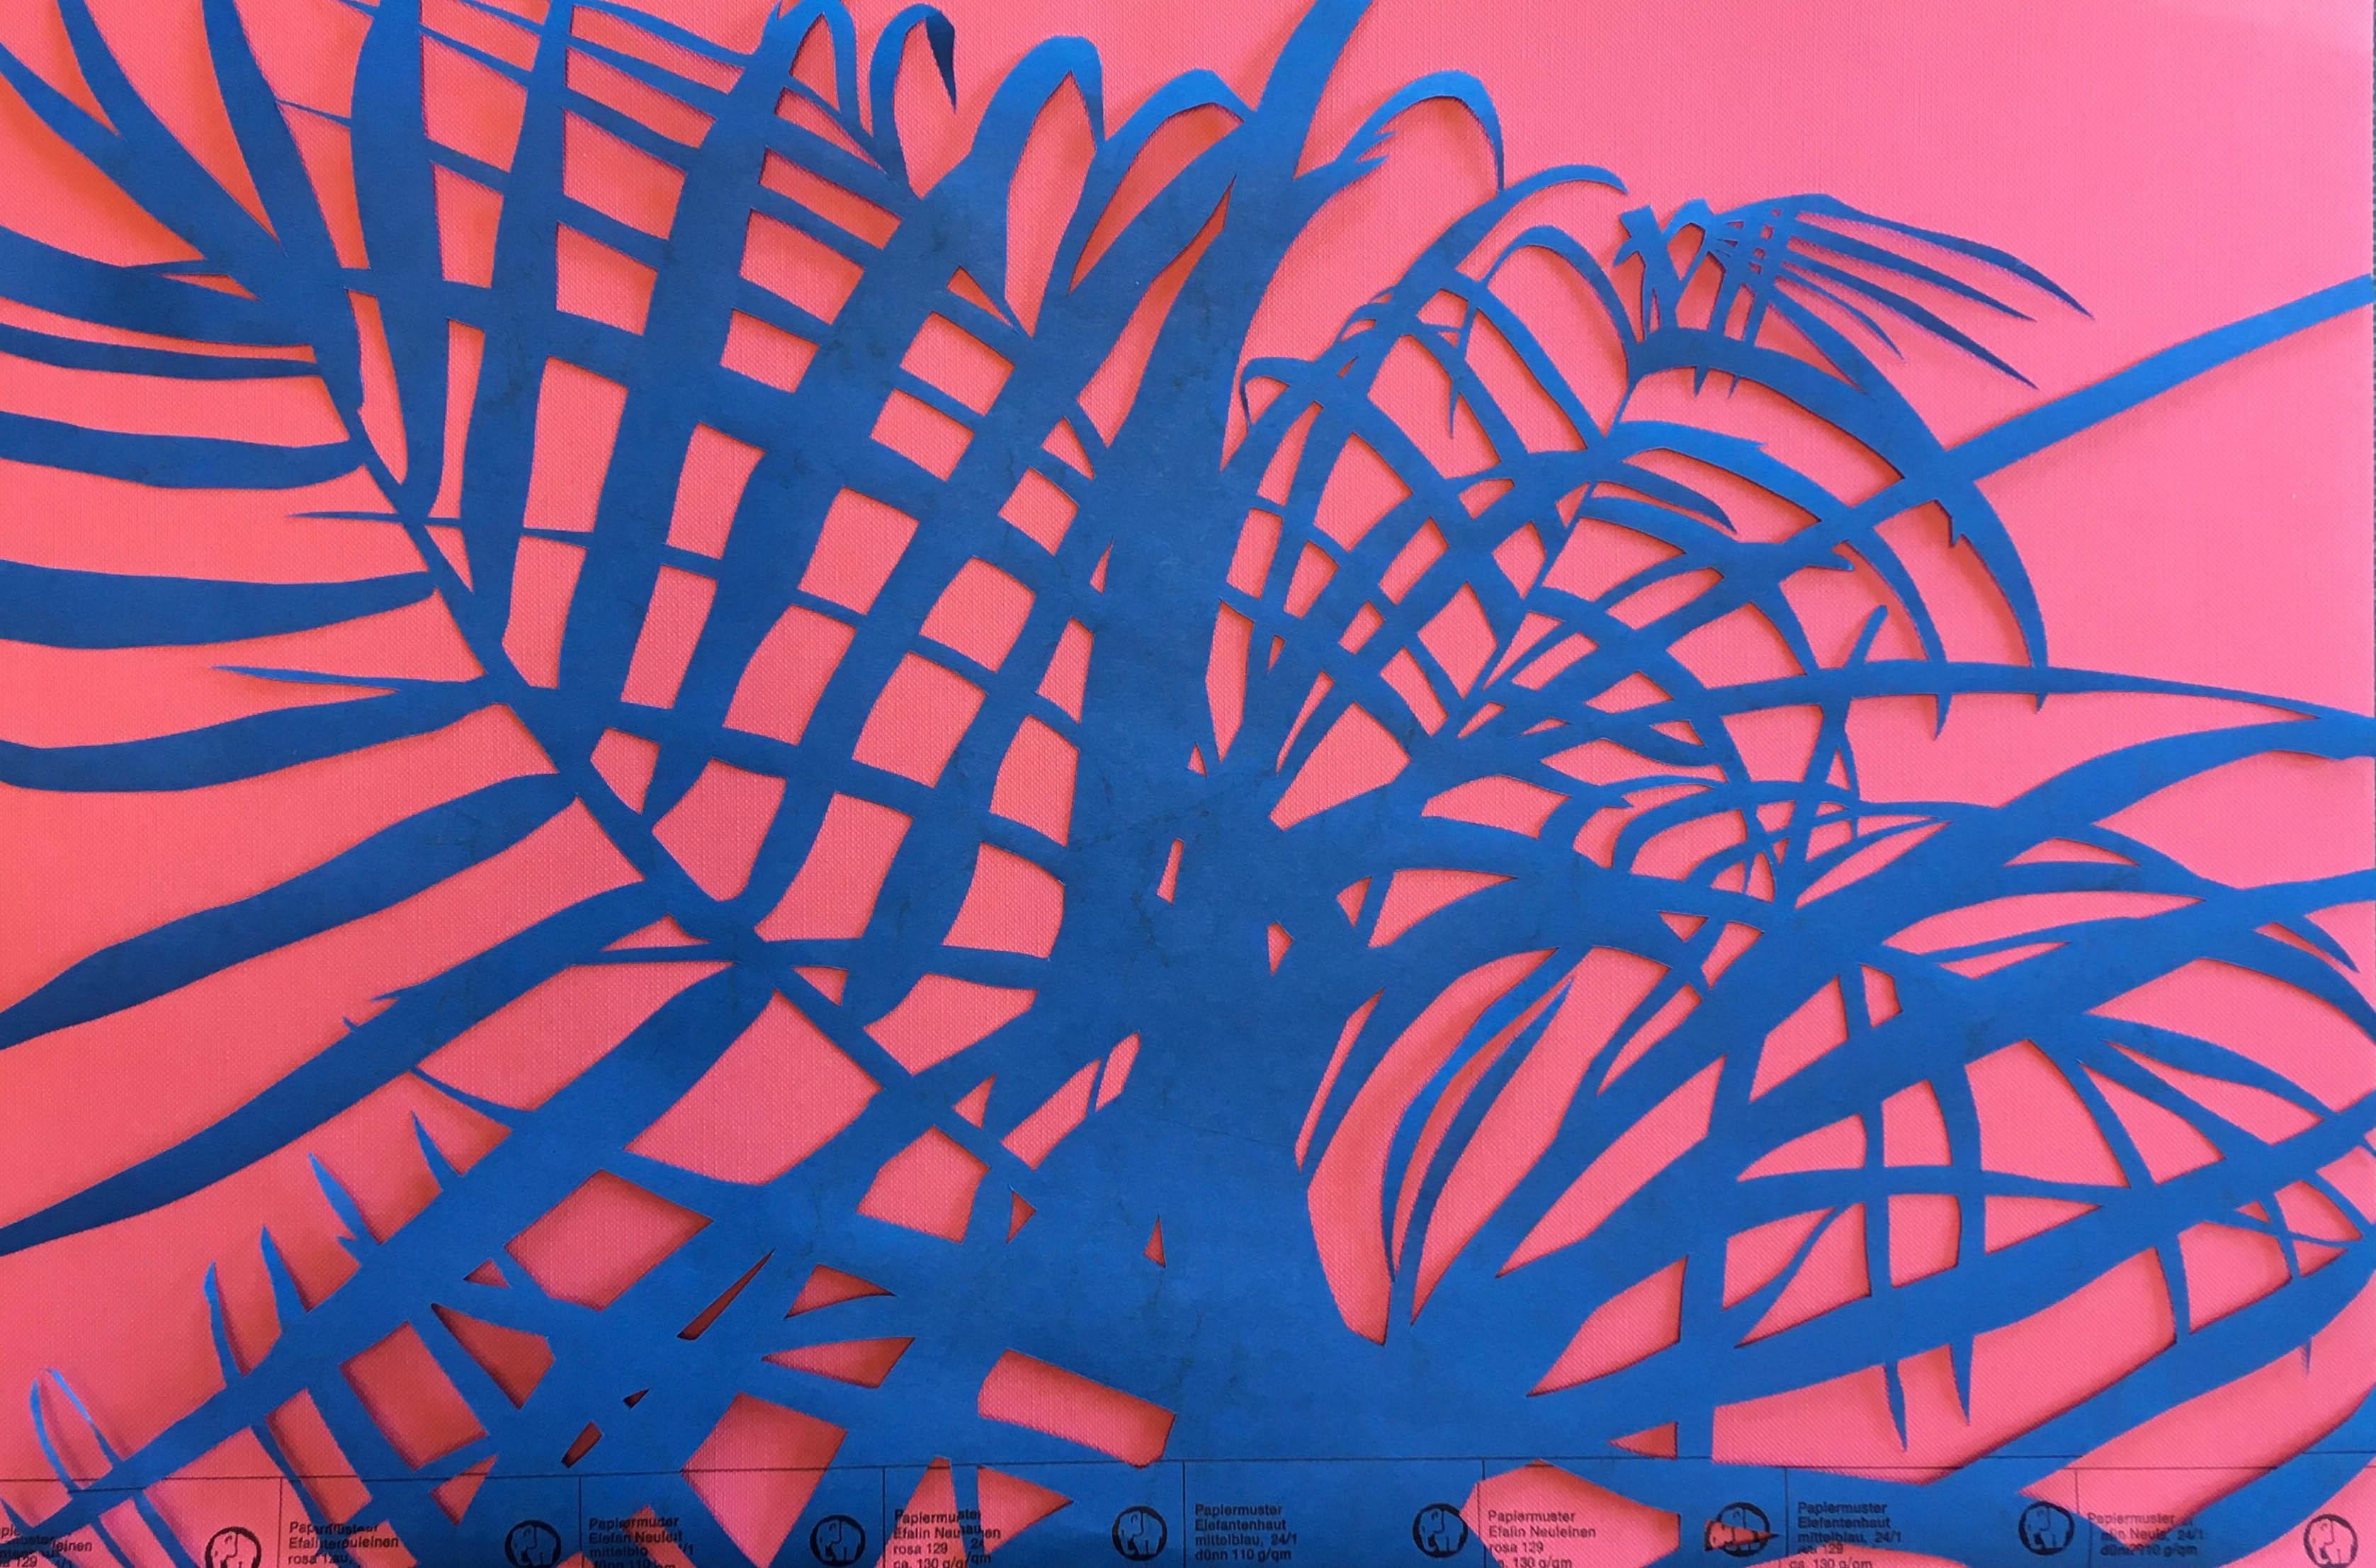 Palme, Papierschnitt, 2020